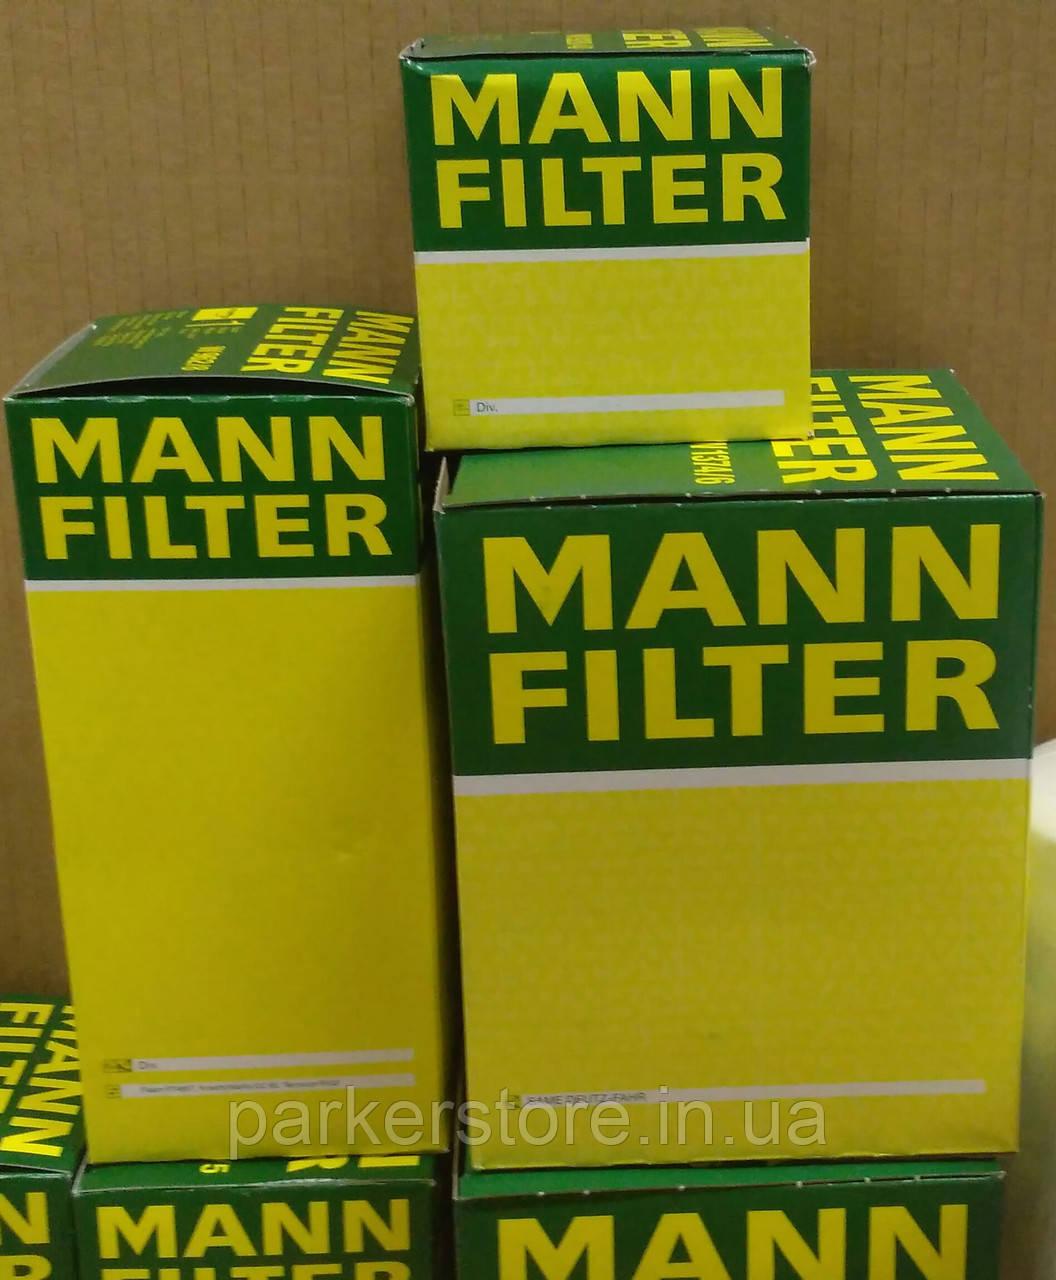 MANN FILTER / Воздушный фильтр / C 29 122/1 / C29122/1